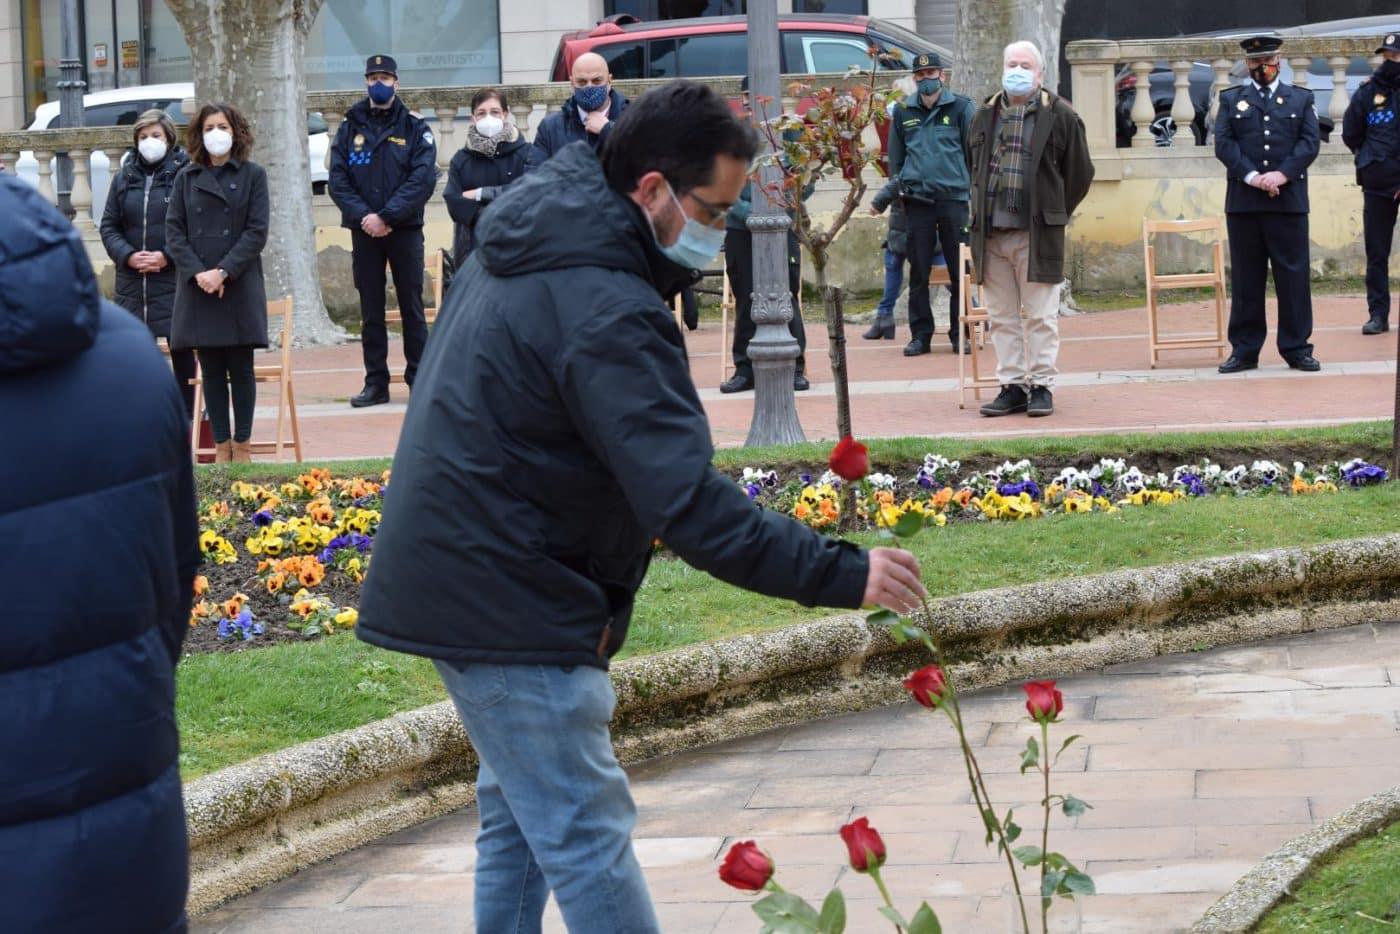 Haro vuelve a recordar a las víctimas y héroes de la pandemia un año después 17